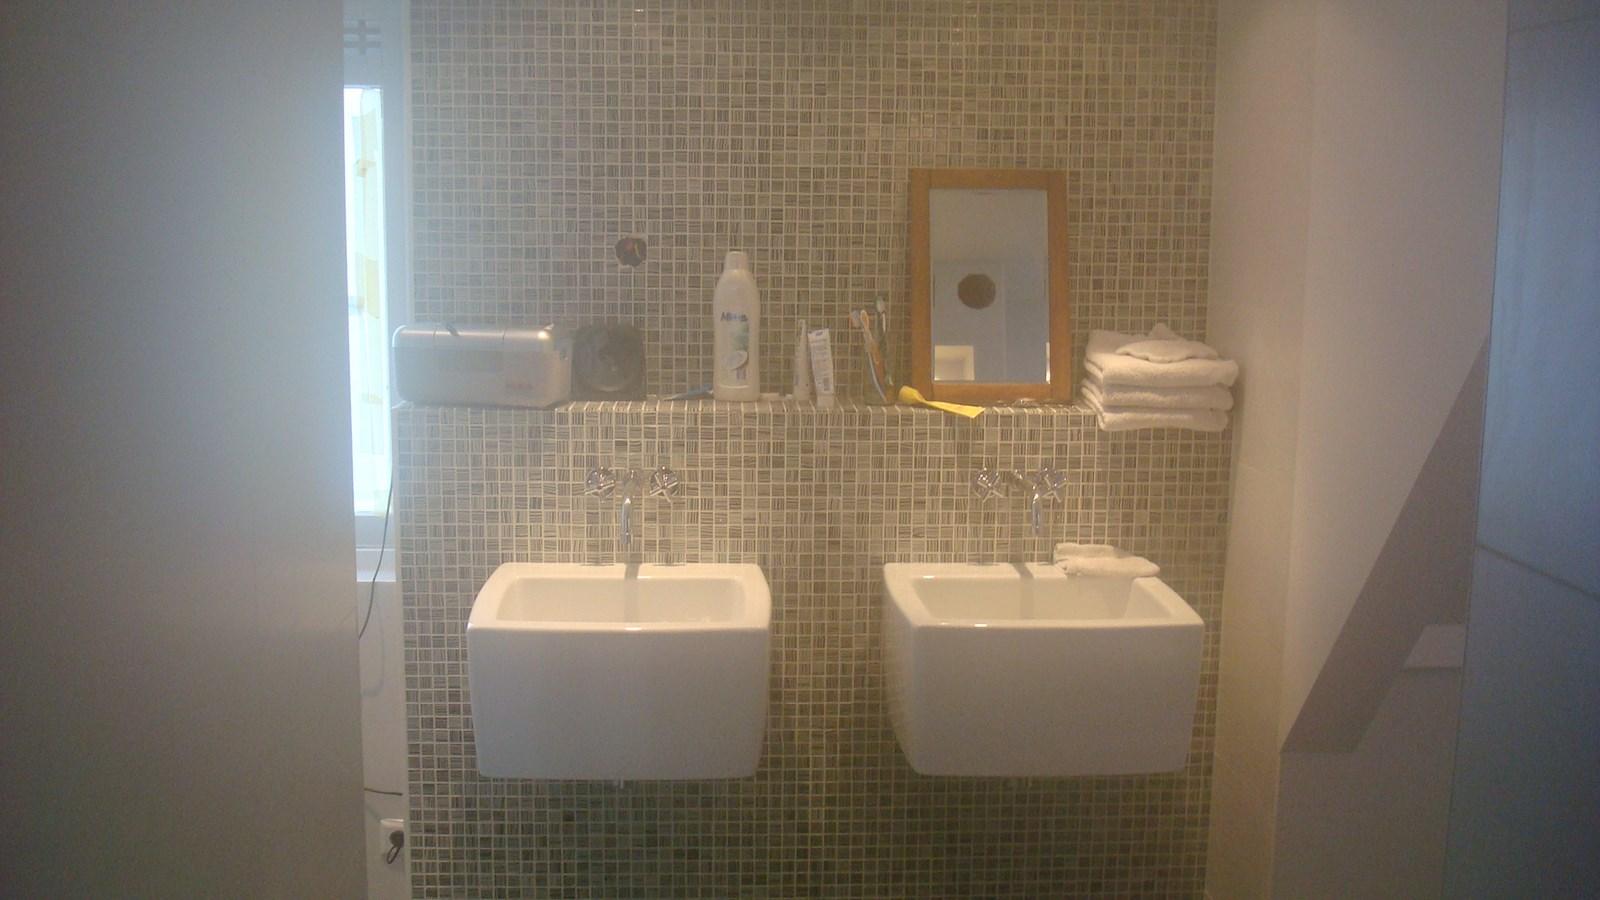 Badkamer renovatie afgerond bouwbedrijf kas - Badkamer renovatie m ...